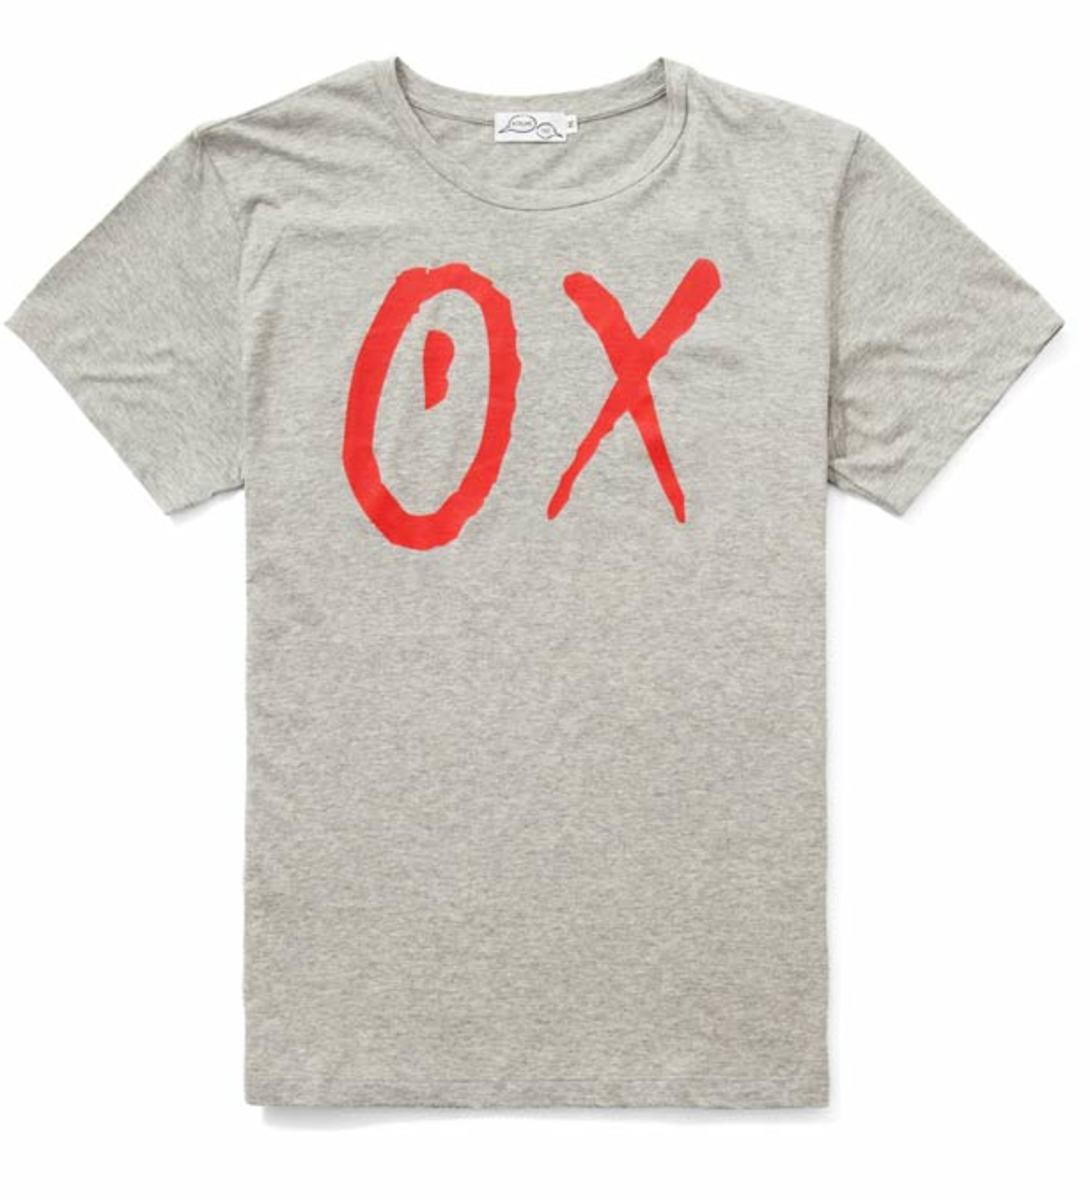 ox-tee